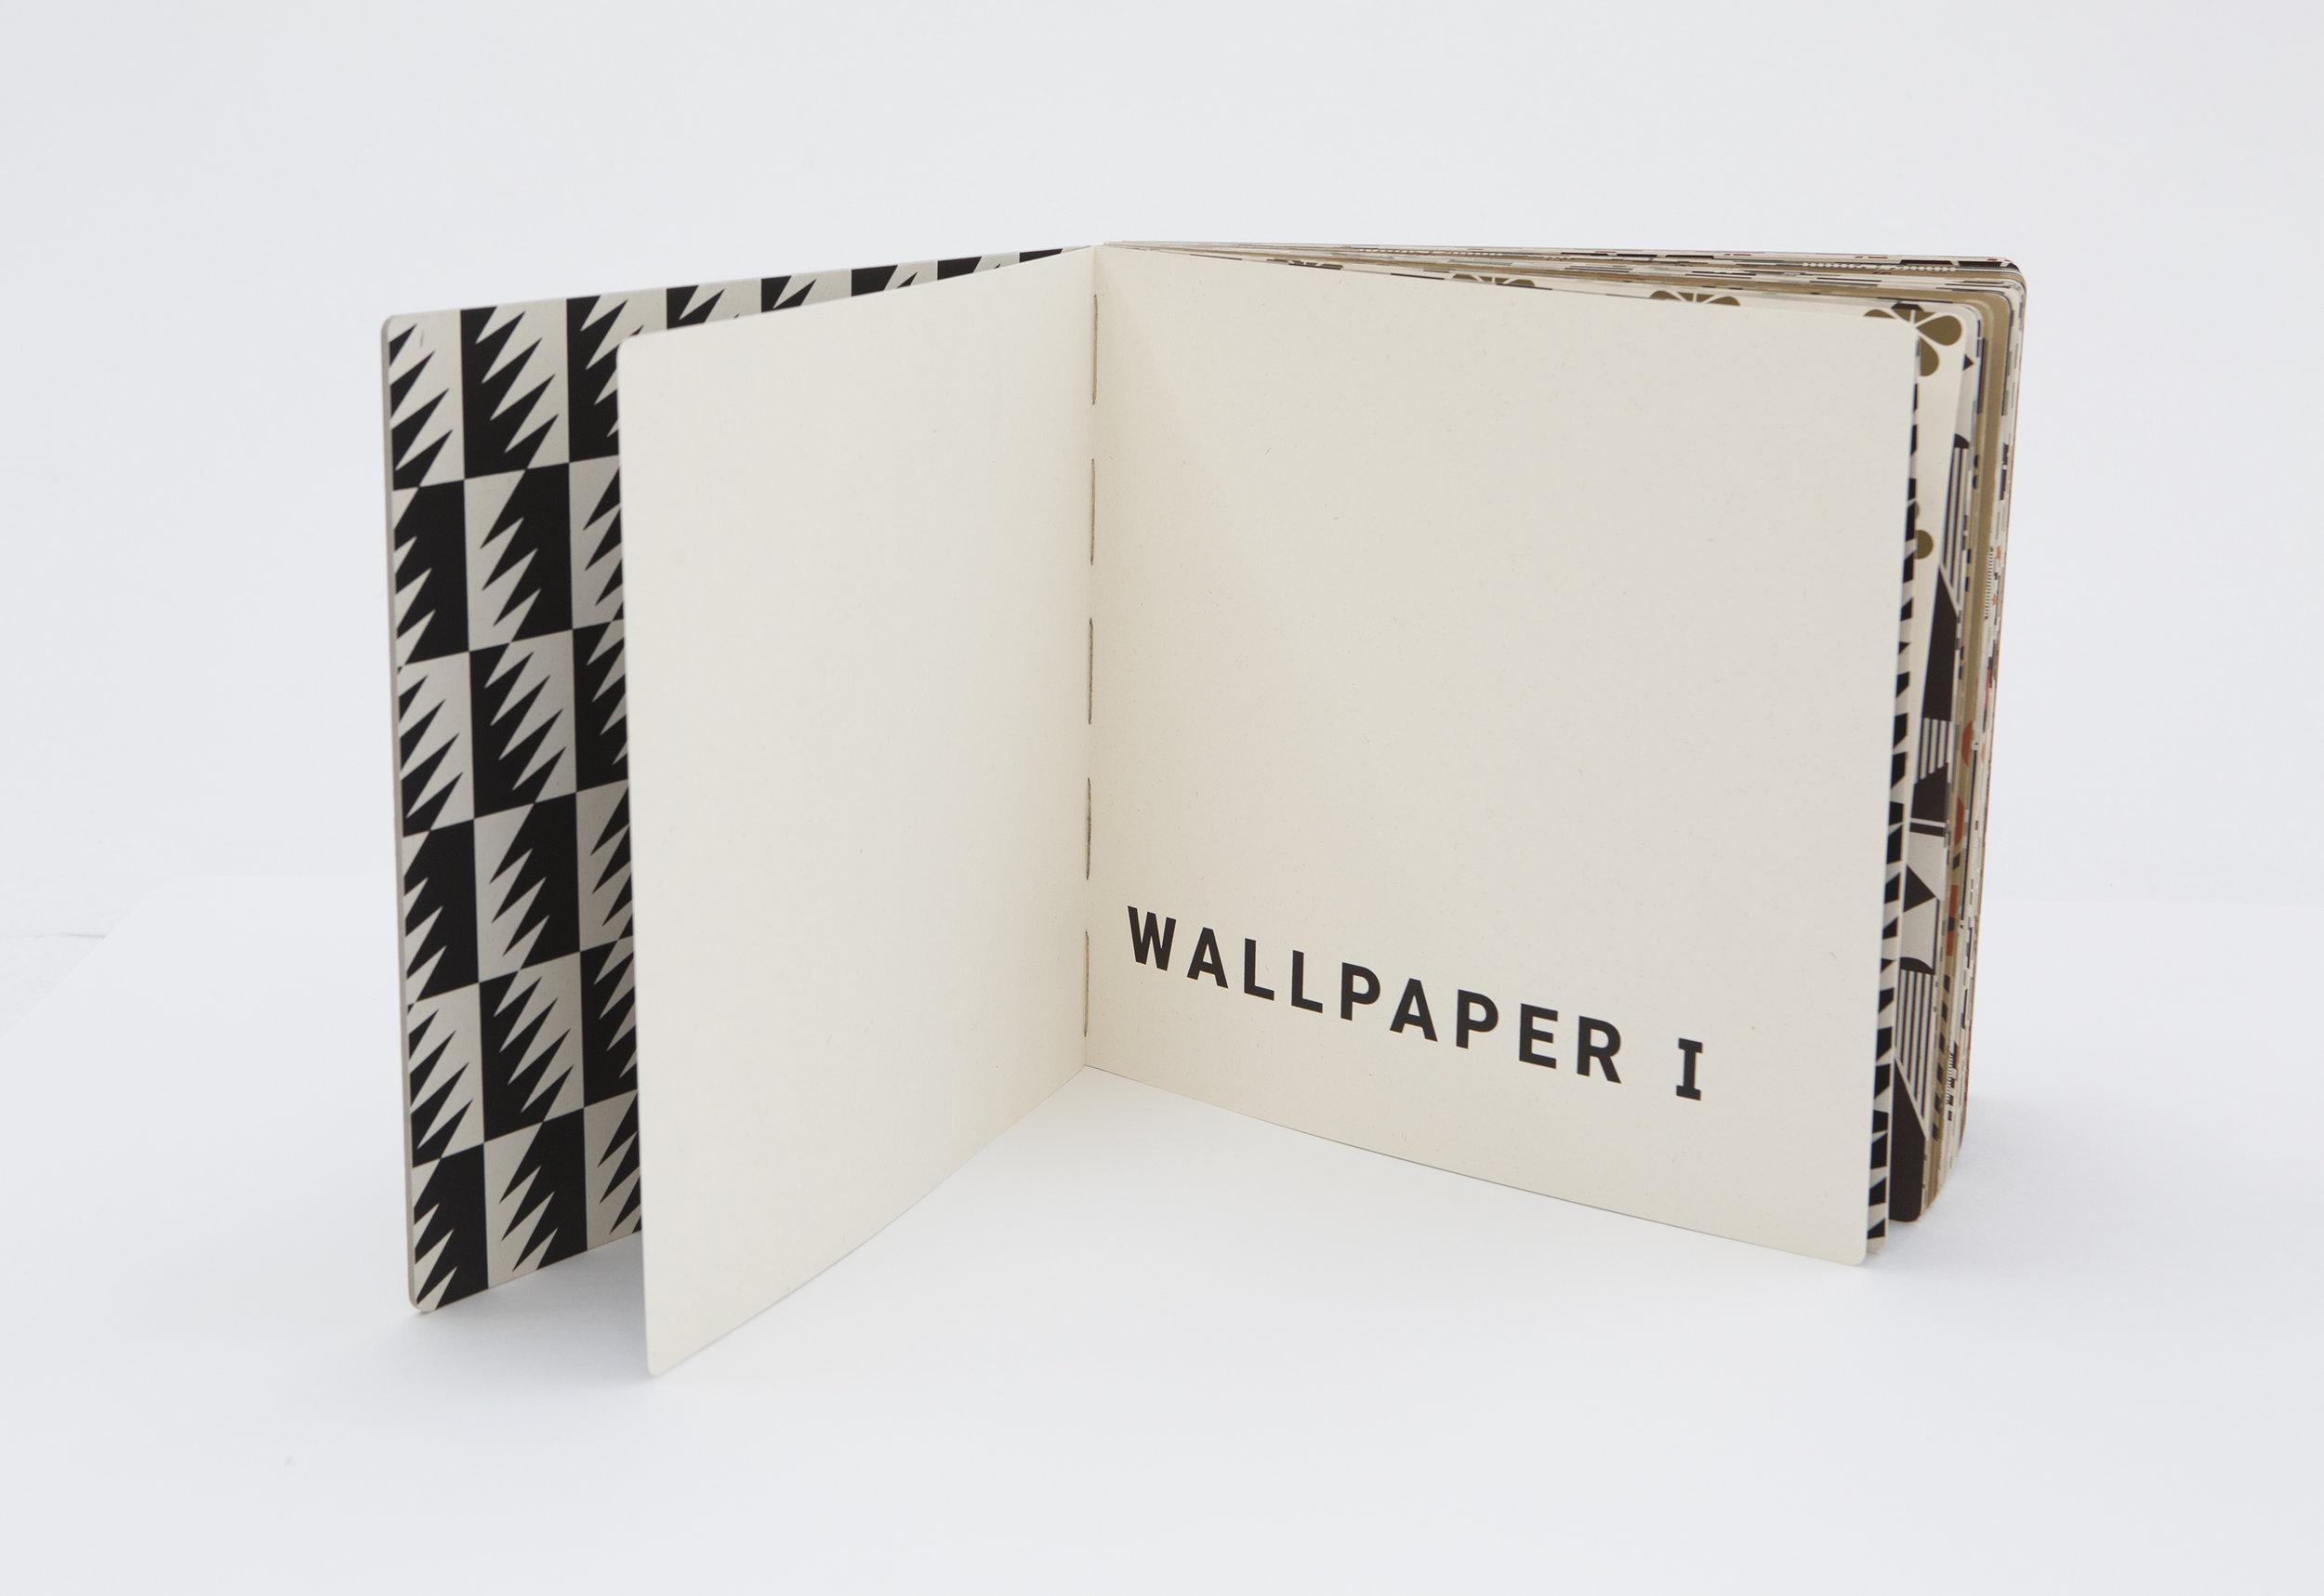 wallpaper_JordanAnnCraig.jpg